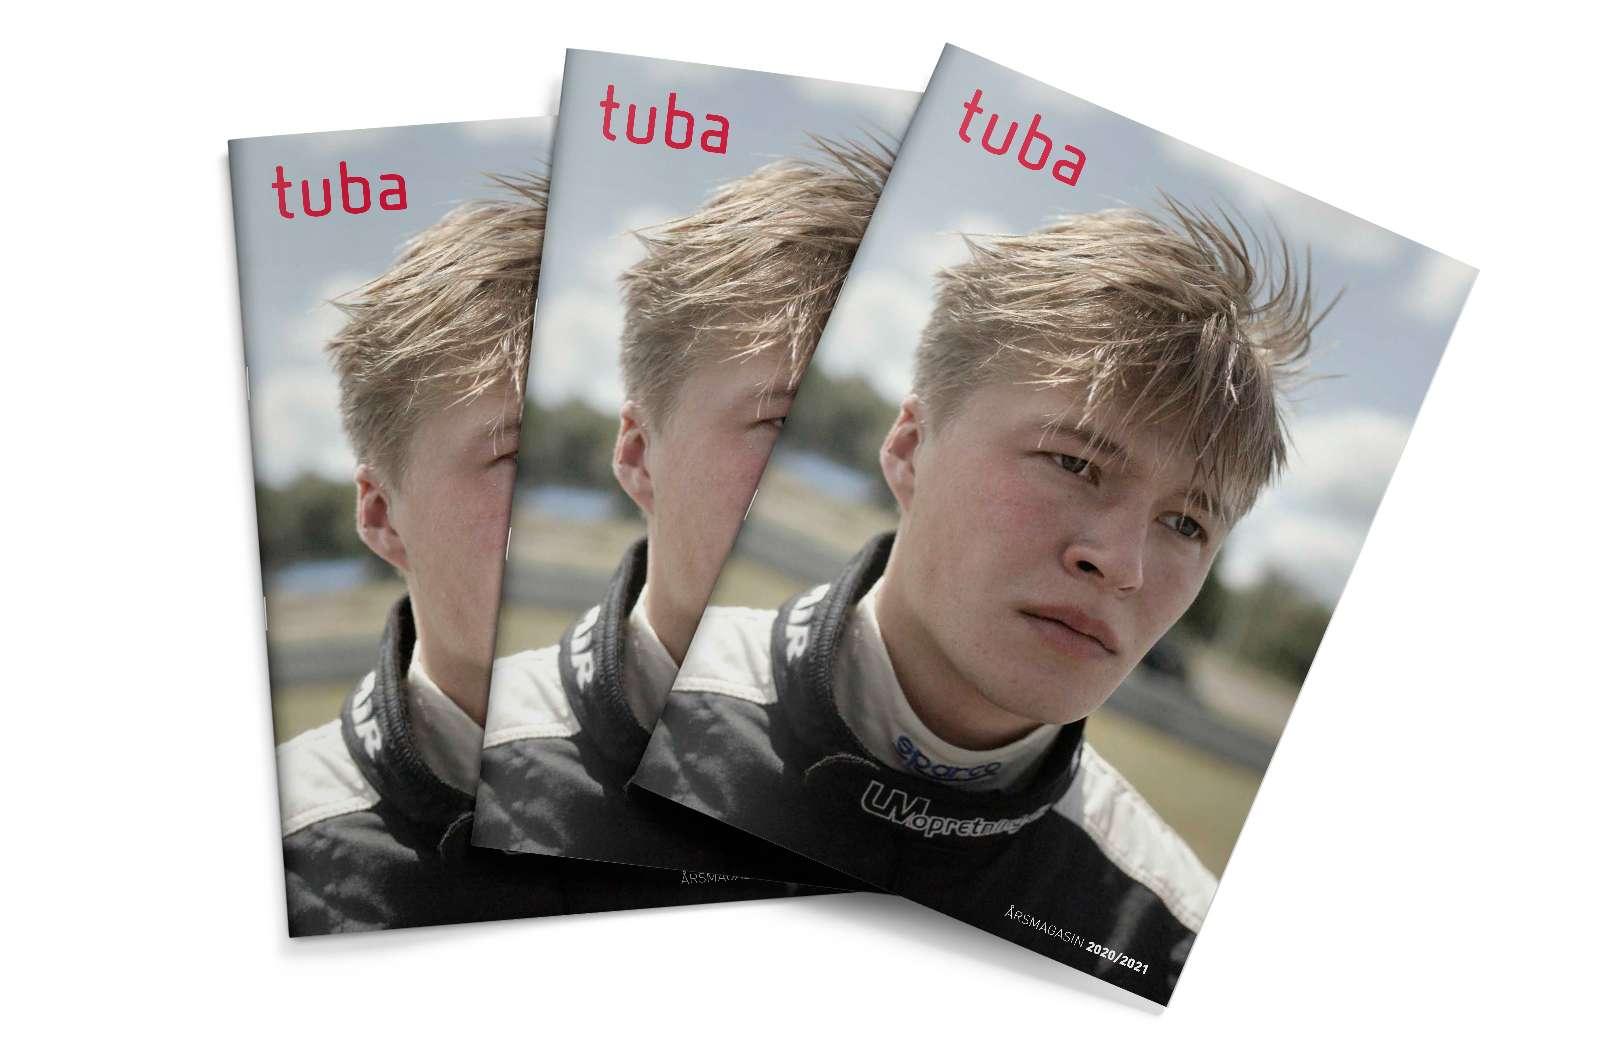 To forsider af TUBAs årsmagasin 2020/2021